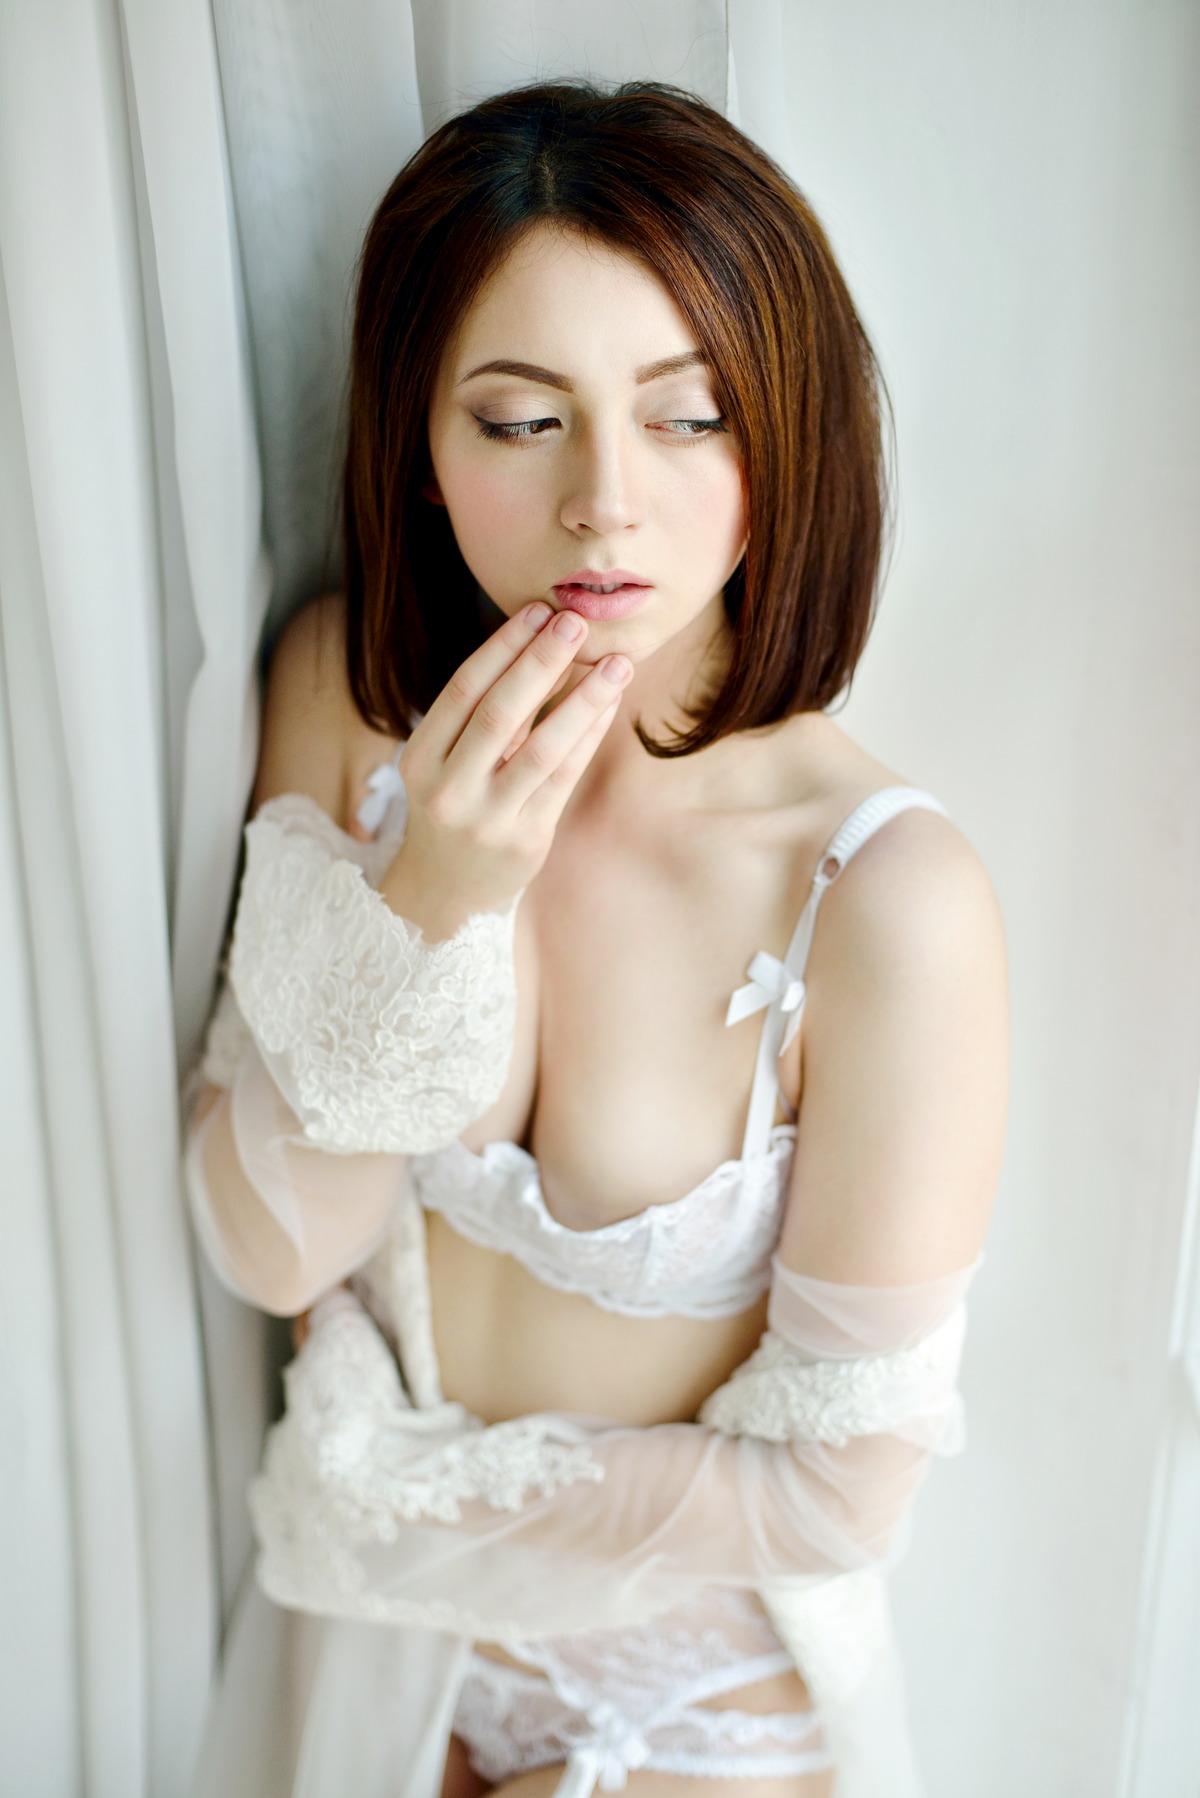 Sexy Girl versteckt sich